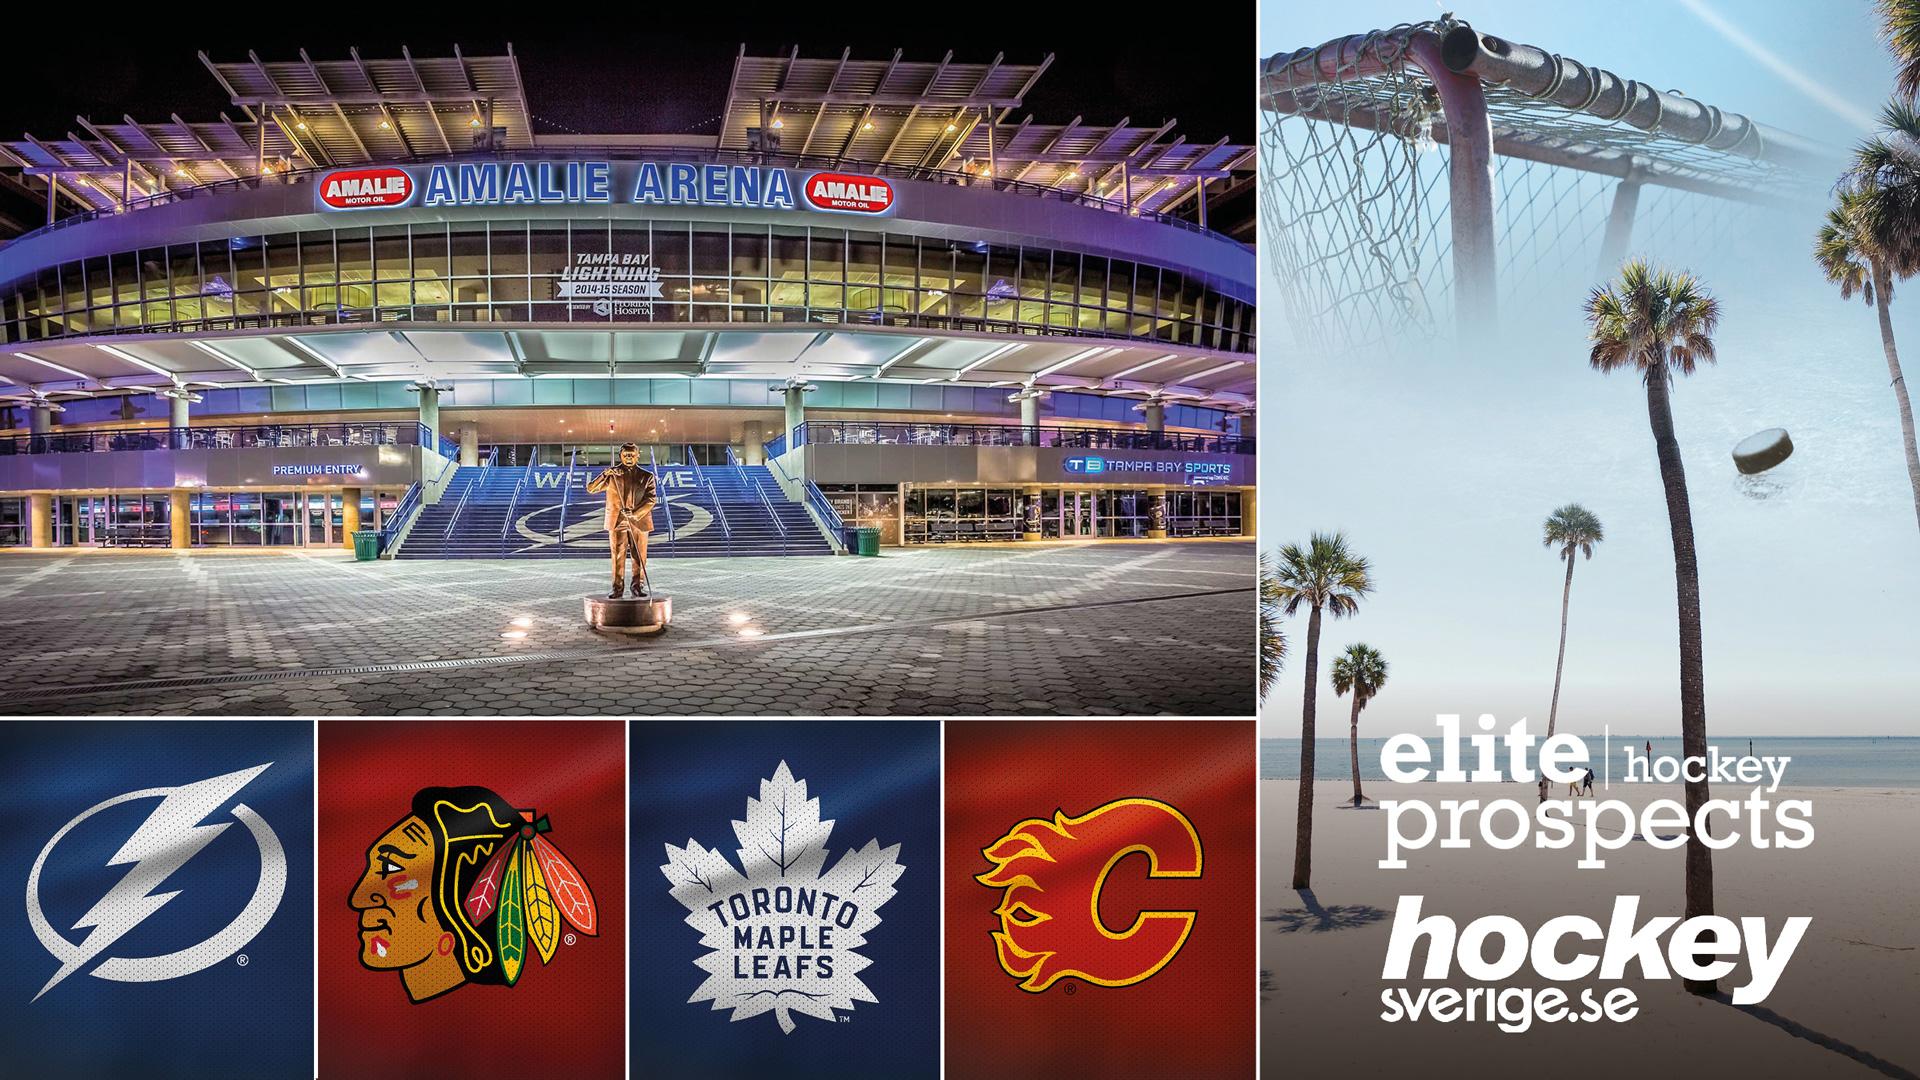 Hockeyresa Tampa med Elite Prospects och Hockeysverige - 24 feb-2 mars 2020 | Vill du uppleva det bästa av två världar - sol och bad på Floridas stränder samt tre NHL-matcher? Tillsammans med Hockeysverige erbjuder vi en fantastisk NHL-resa till Tampa där Peter Sibner är färdledare.